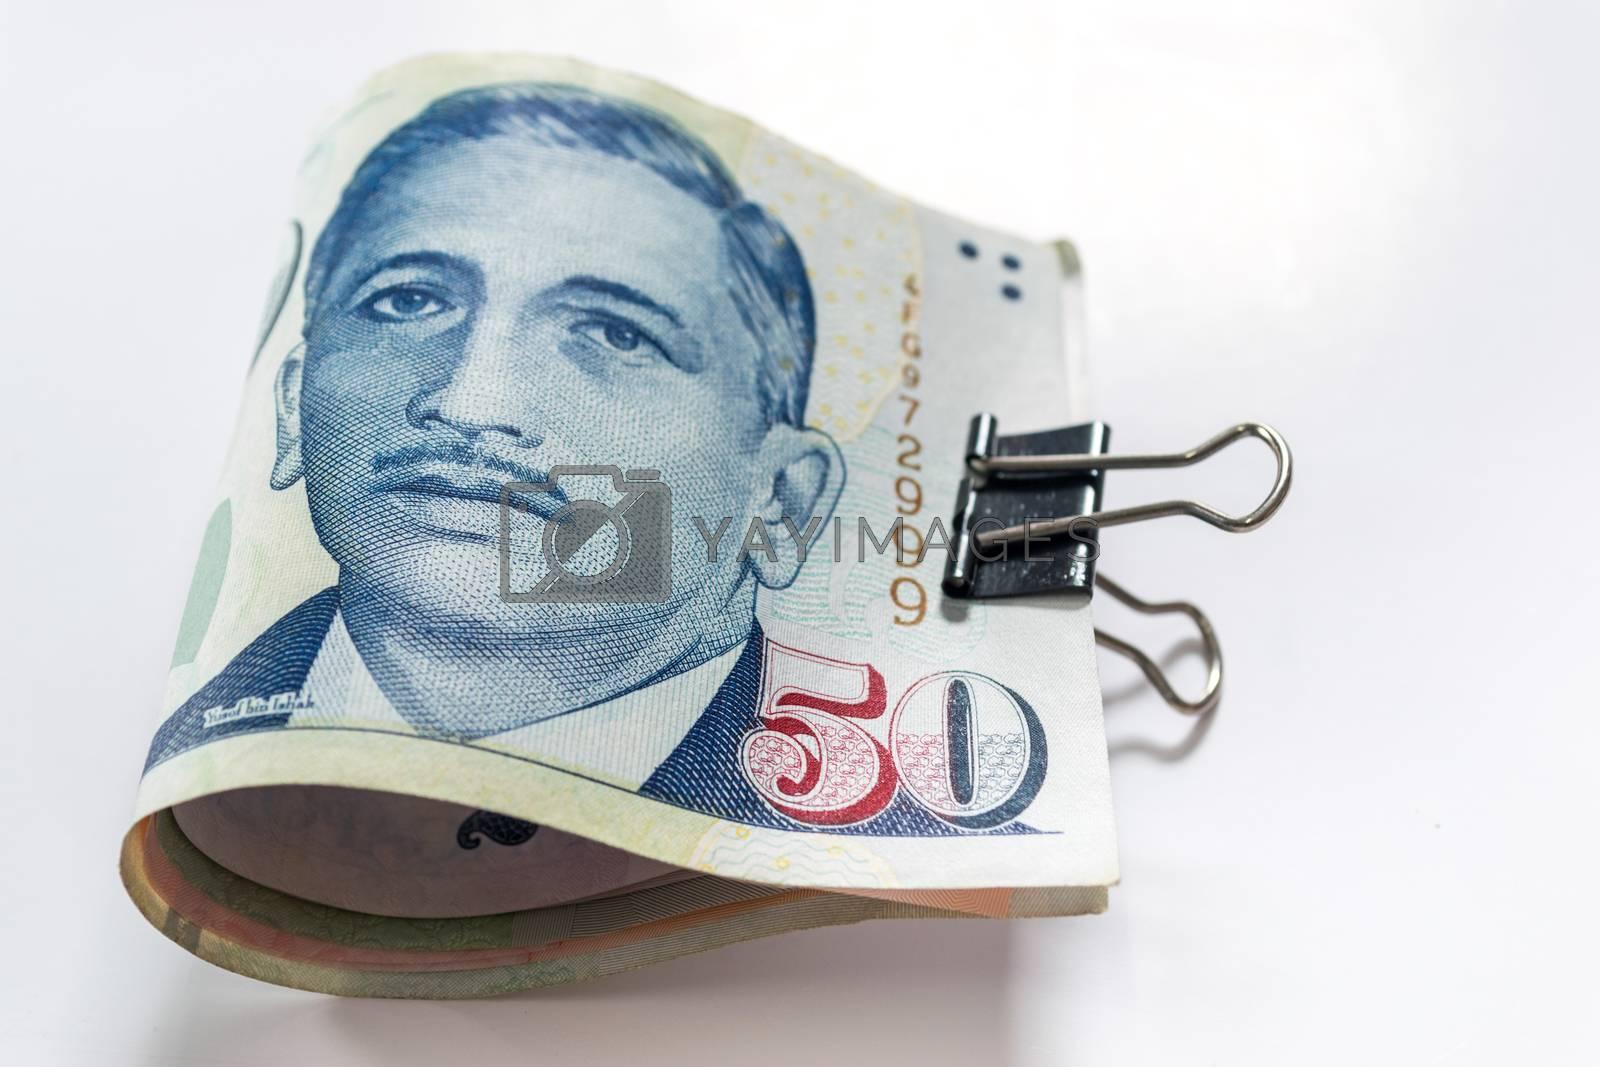 Singapore dollars  the basic monetary unit of Singapore.